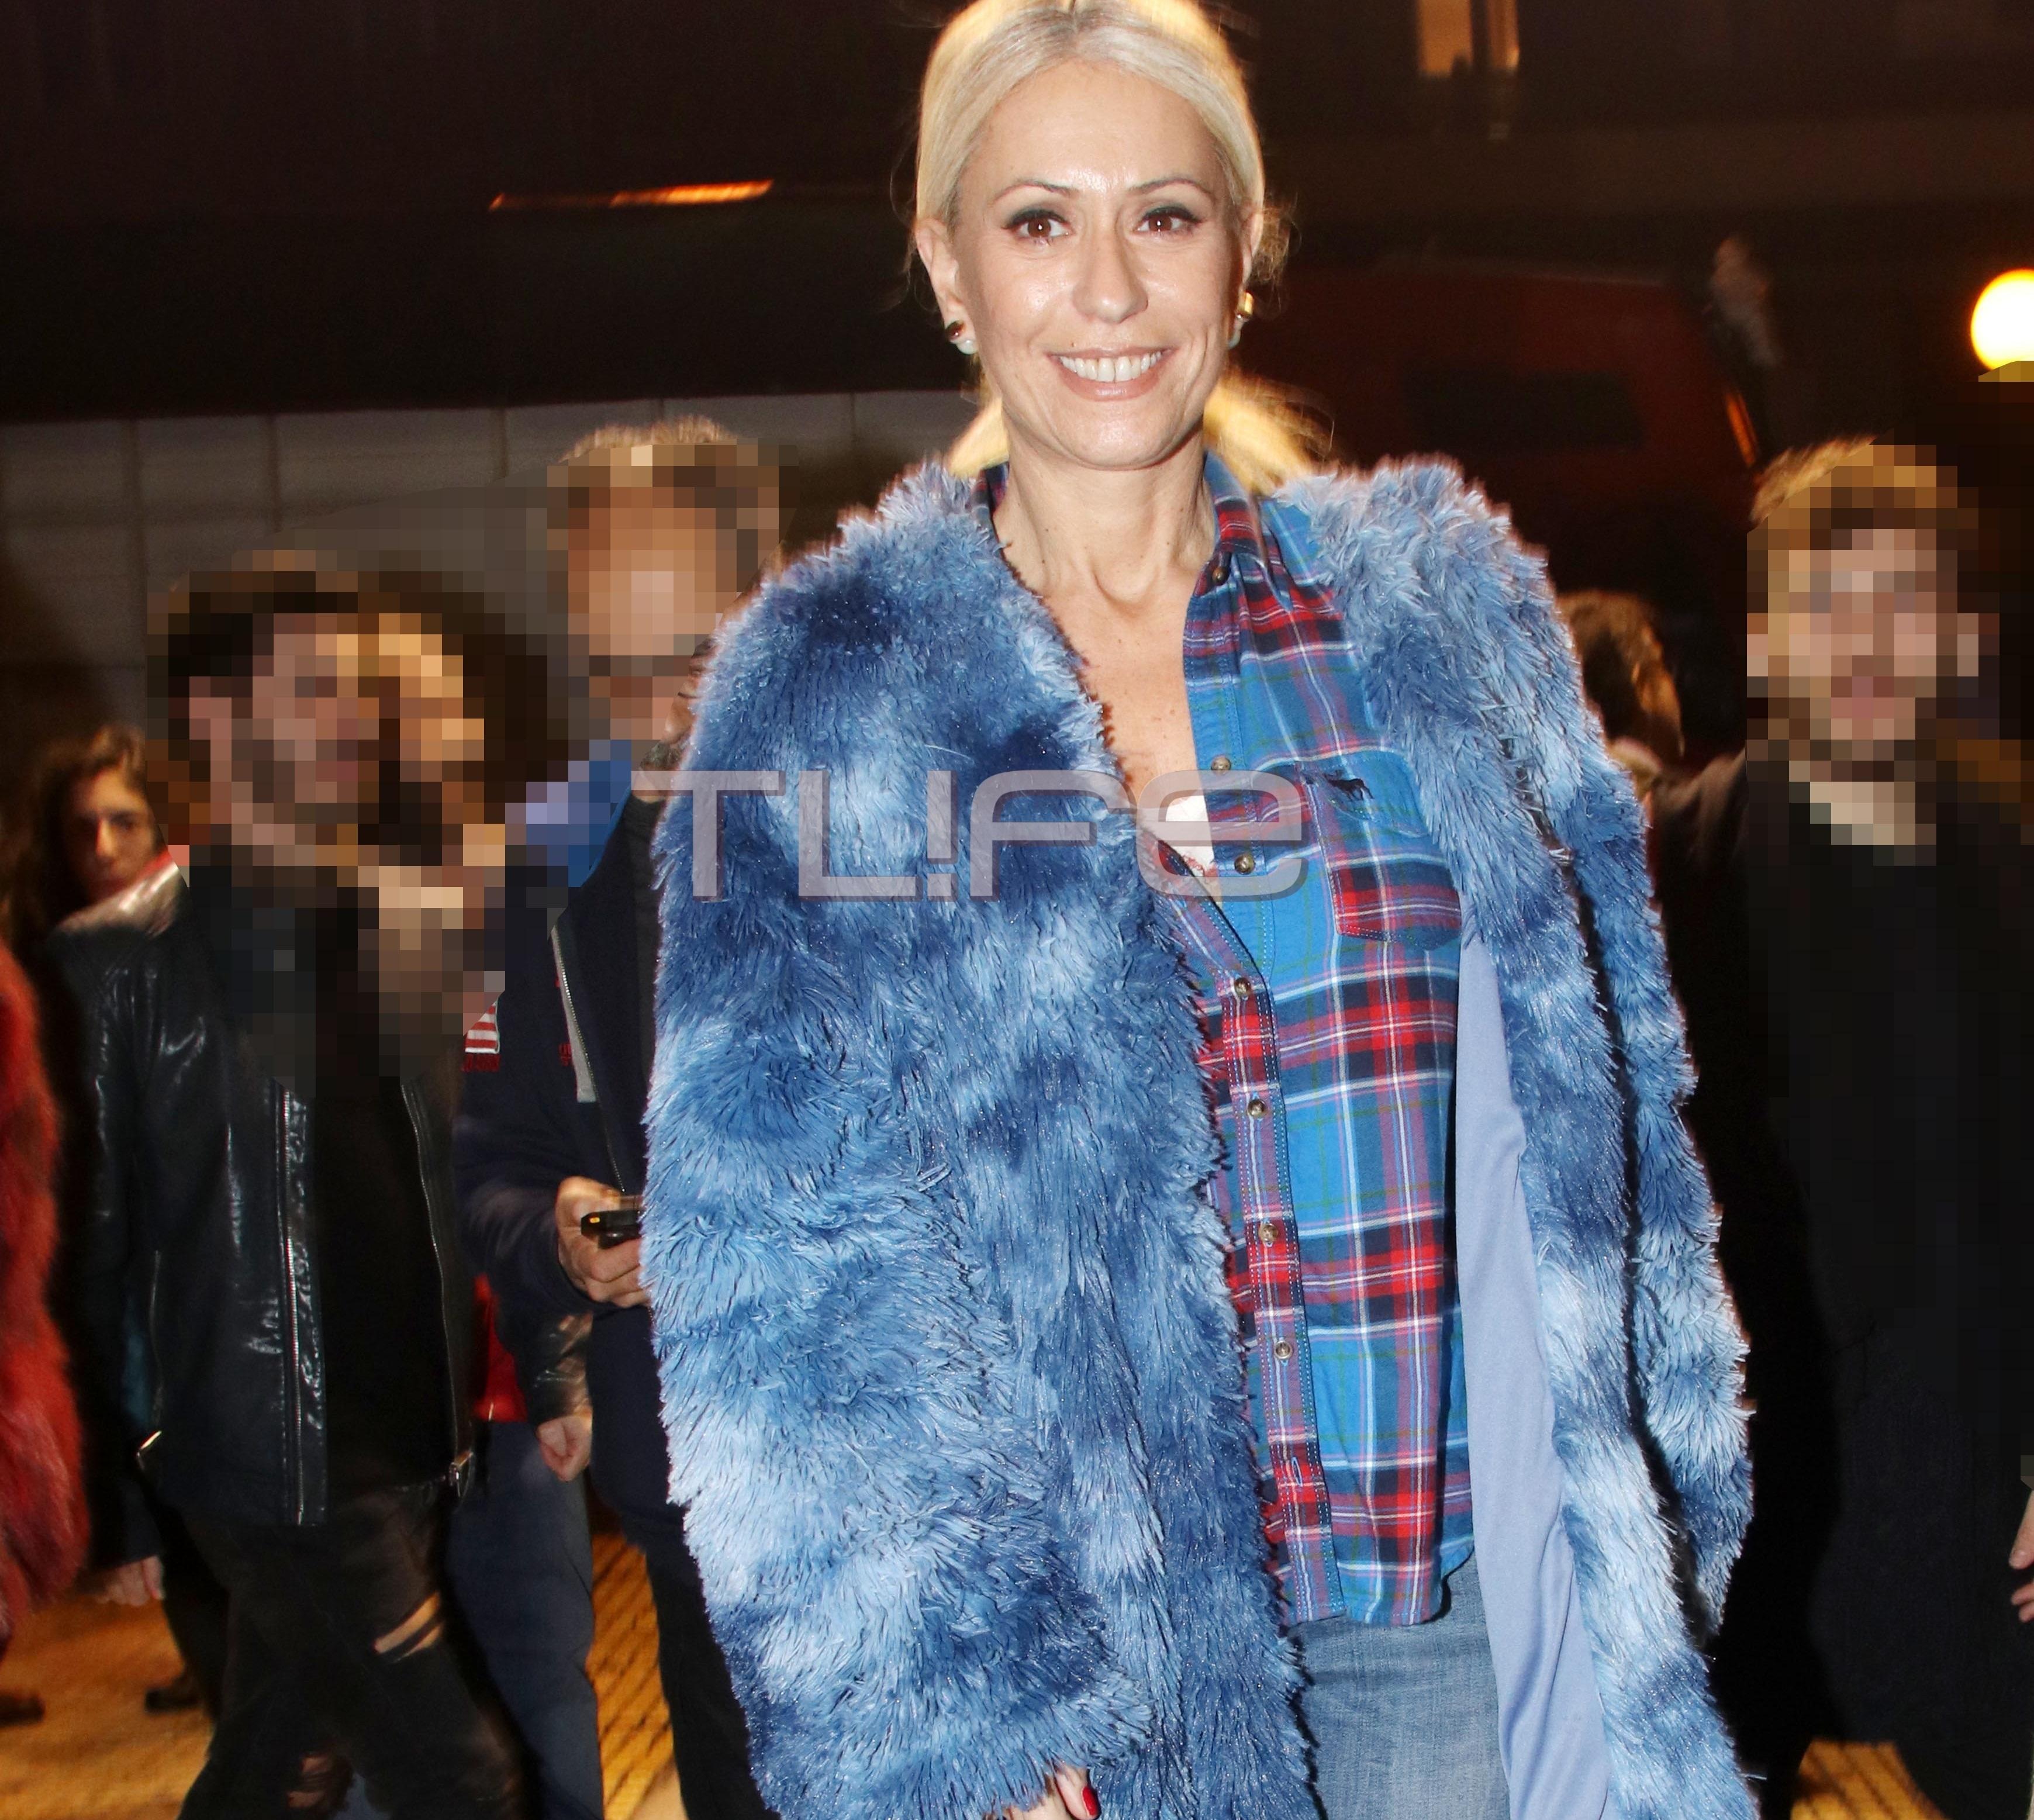 Μαρία Μπακοδήμου: Βραδινή έξοδος στο θέατρο με chic casual look! | tlife.gr